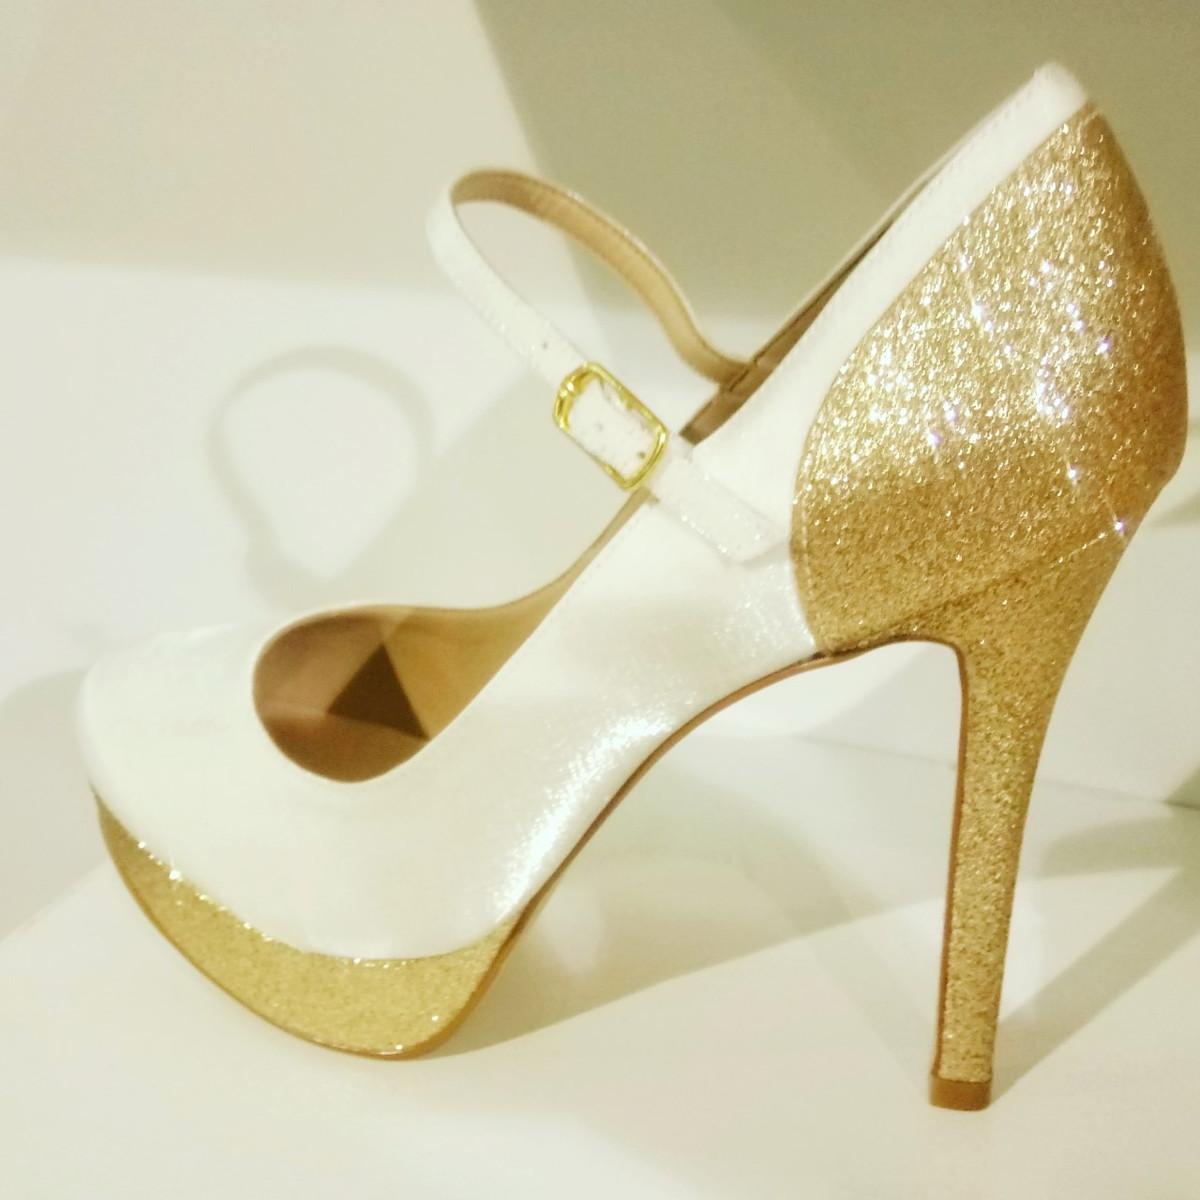 76e3226e610 Sapato Branco e Dourado no Elo7